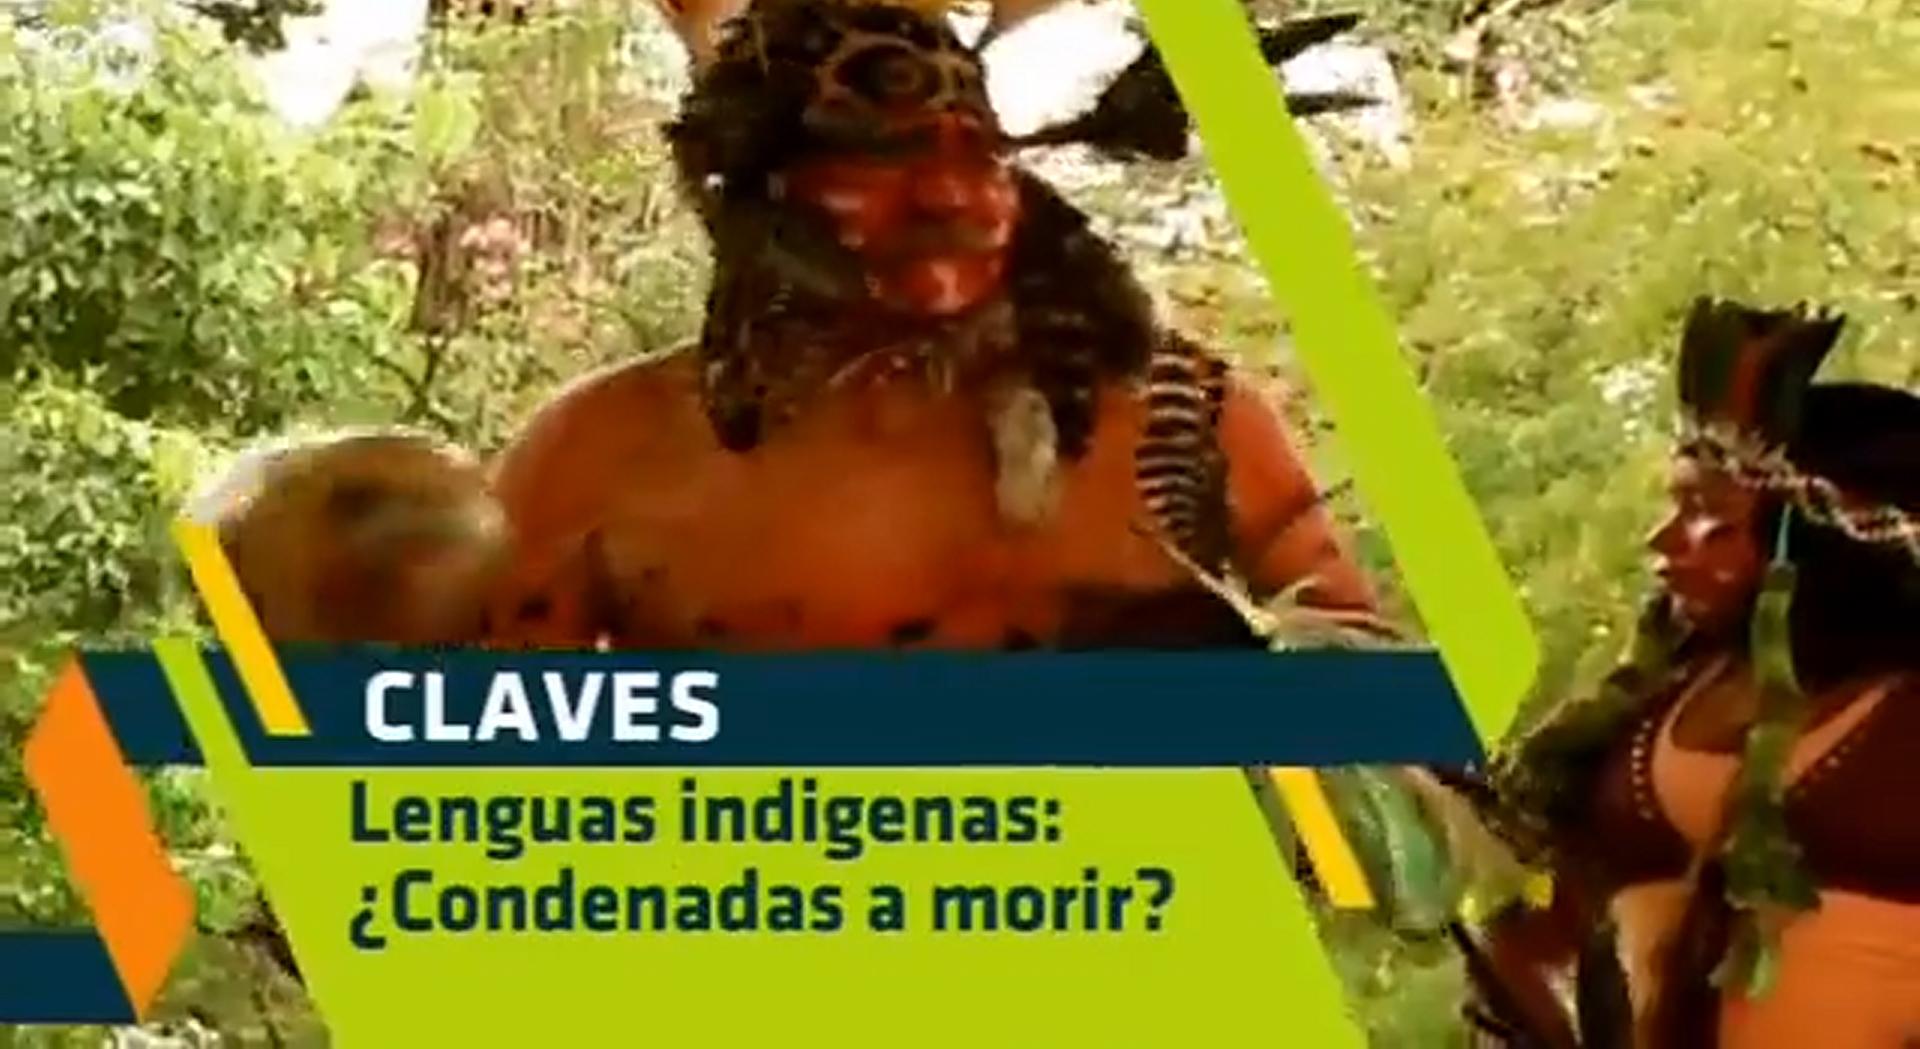 Hizkuntza indigenak: heriotzera kondenatuak?